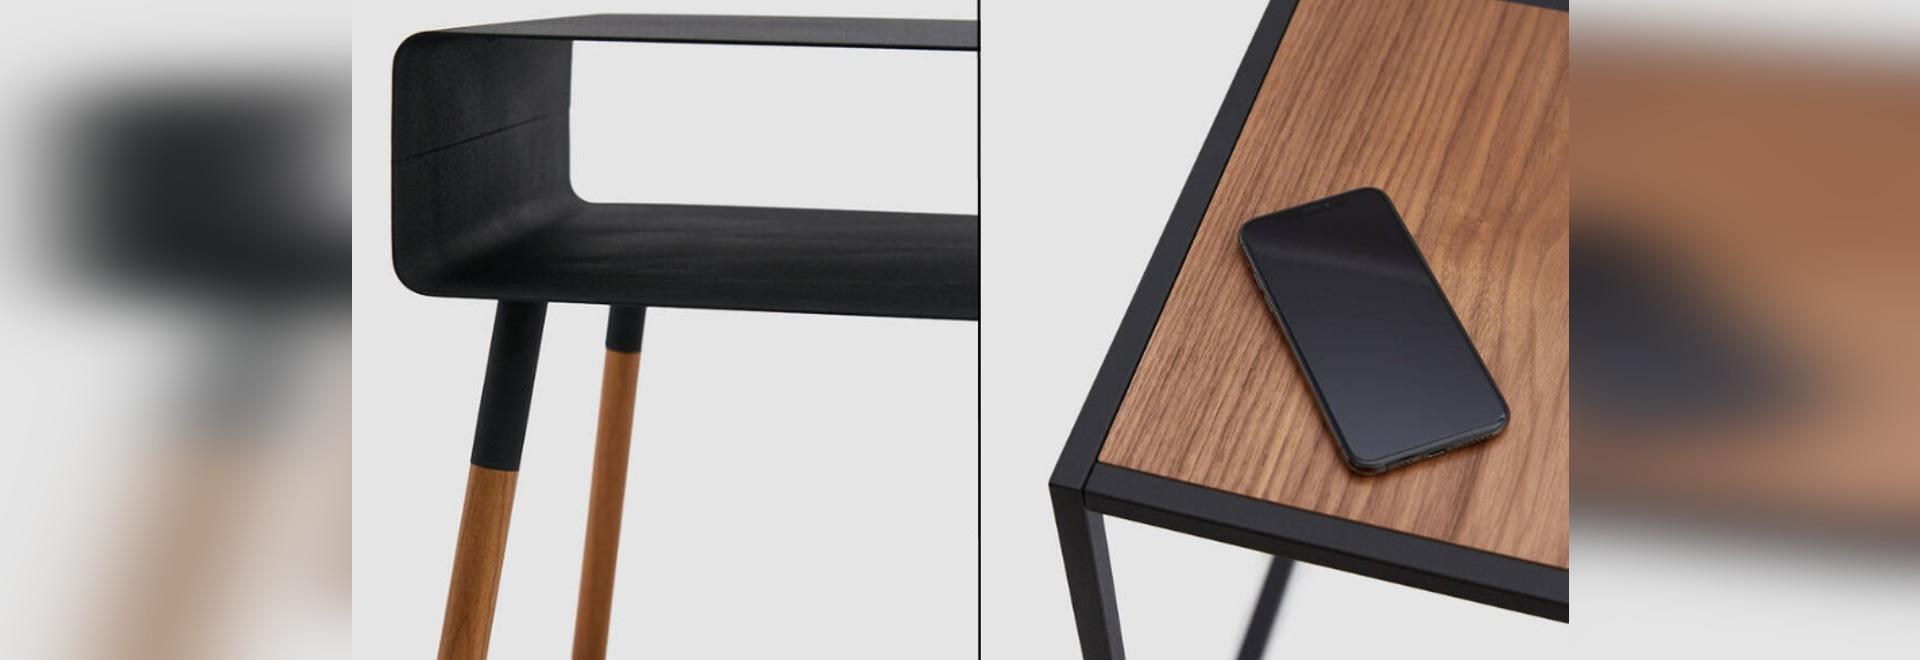 Obtenez 25 % sur le site pour ce meuble japonais Yamazaki